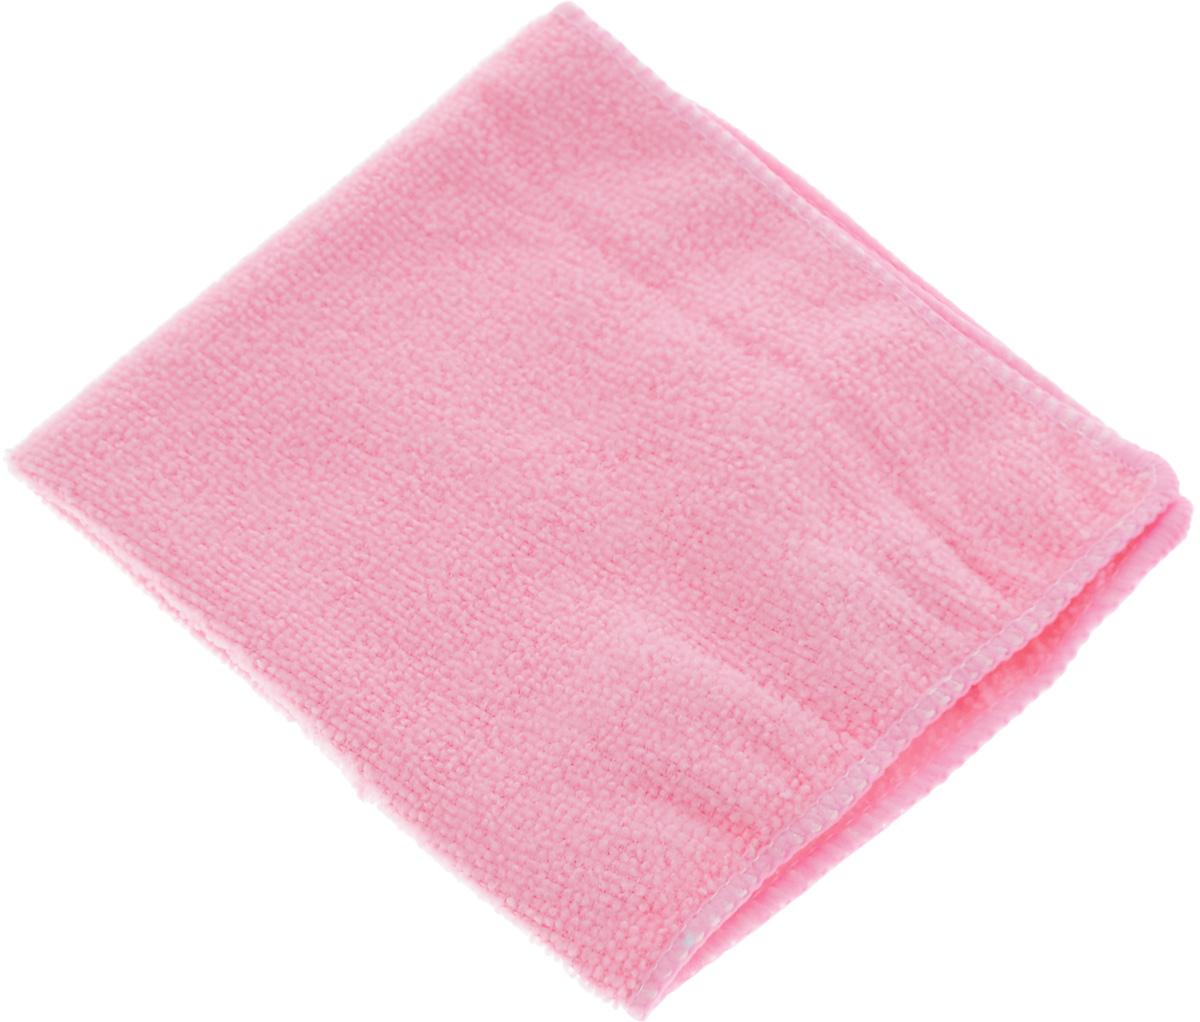 Салфетка для уборки Youll love, цвет: розовый, 30 х 30 см391602Салфетка Youll love, изготовленная из микрофибры (100% полиэфир), предназначена для очищения загрязнений на любых поверхностях. Микрофибра - великолепная гипоаллергенная ткань из тончайших полимерных микроволокон. Многочисленные поры между микроволокнами, благодаря капиллярному эффекту, мгновенно впитывают воду, подобно губке. Любые капельки, остающиеся на очищаемой поверхности, очень быстро испаряются, и остается чистая дорожка без полос и разводов. В сухом виде при вытирании поверхности волокна микрофибры электризуются и притягивают к себе микробы, мельчайшие частицы пыли и грязи. Изделие обладает высокой износоустойчивостью и рассчитано на многократное использование, легко моется в теплой воде с мягкими чистящими средствами.